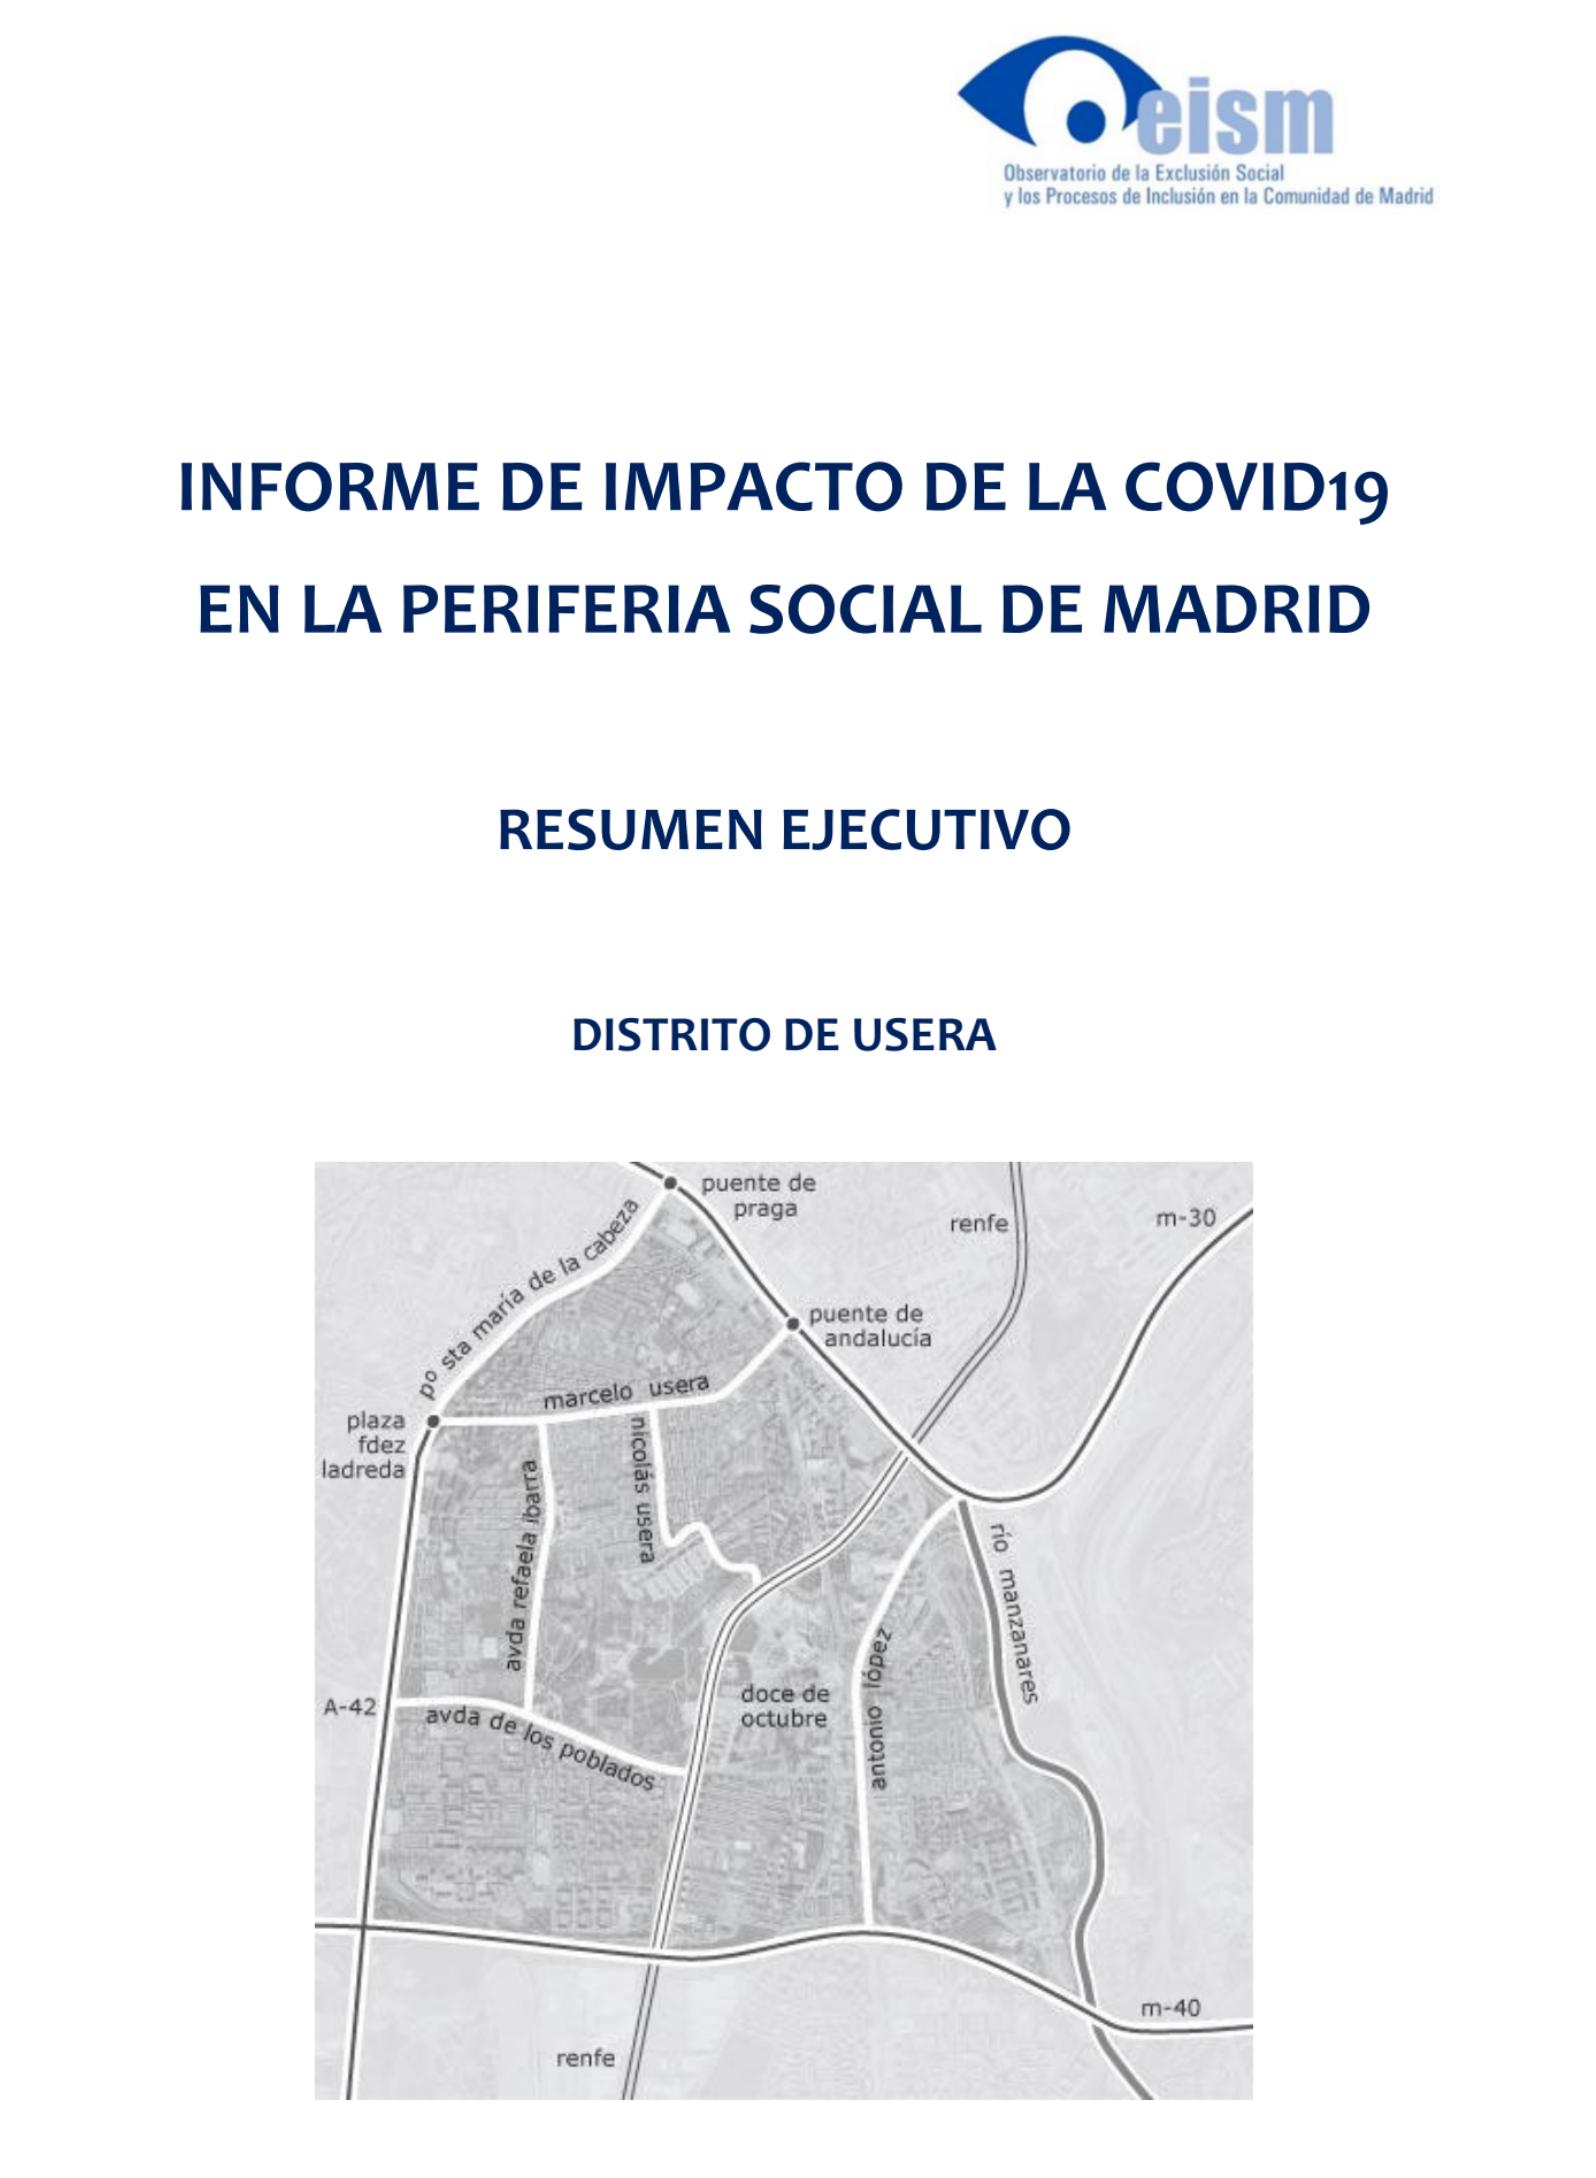 NFORME DE IMPACTO DE LA COVID-19 EN LA PERIFERIA SOCIAL DE MADRID.